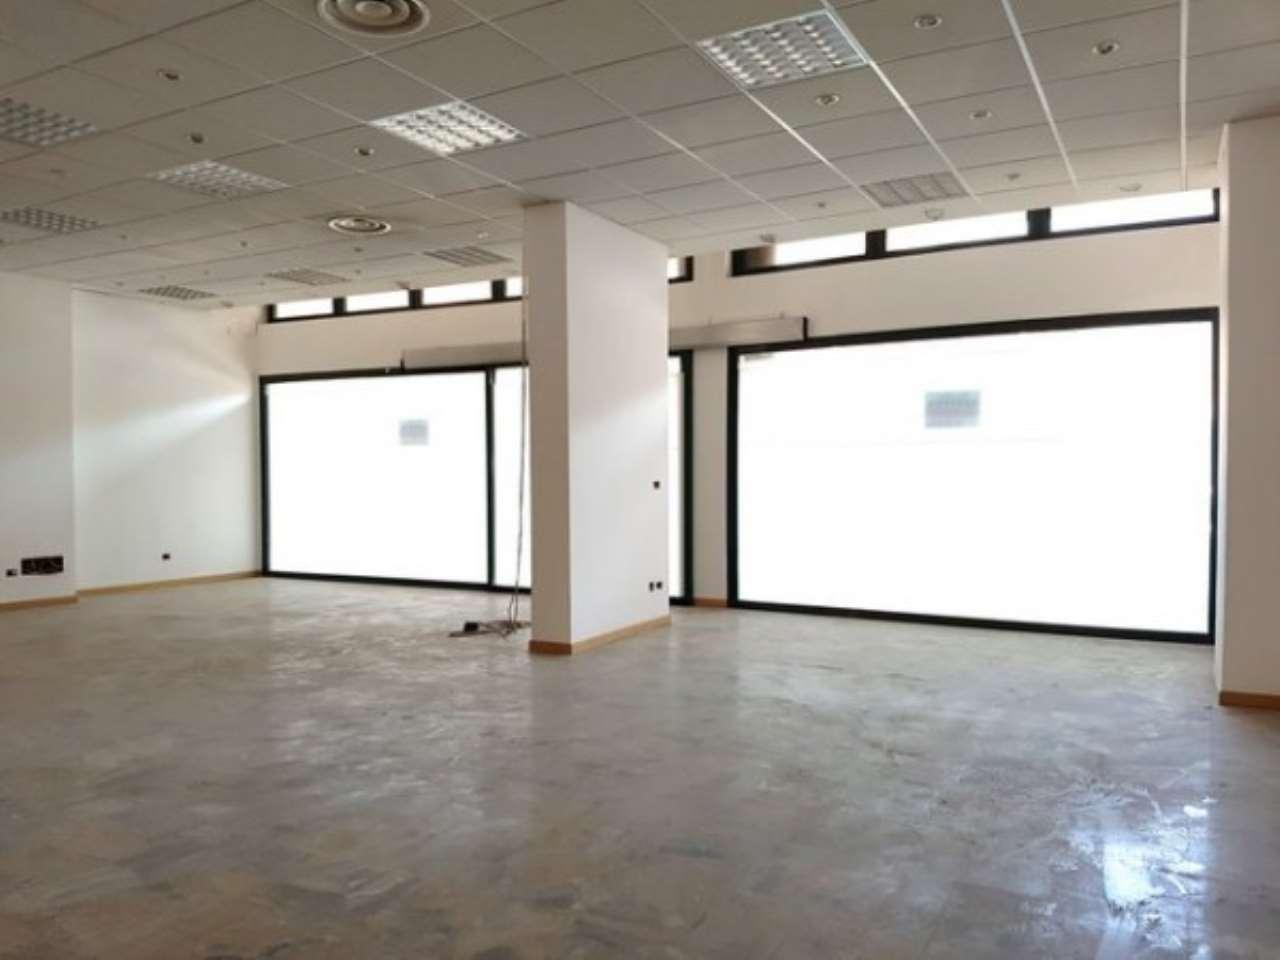 Negozio / Locale in affitto a Sarezzo, 9999 locali, prezzo € 1.400 | Cambio Casa.it